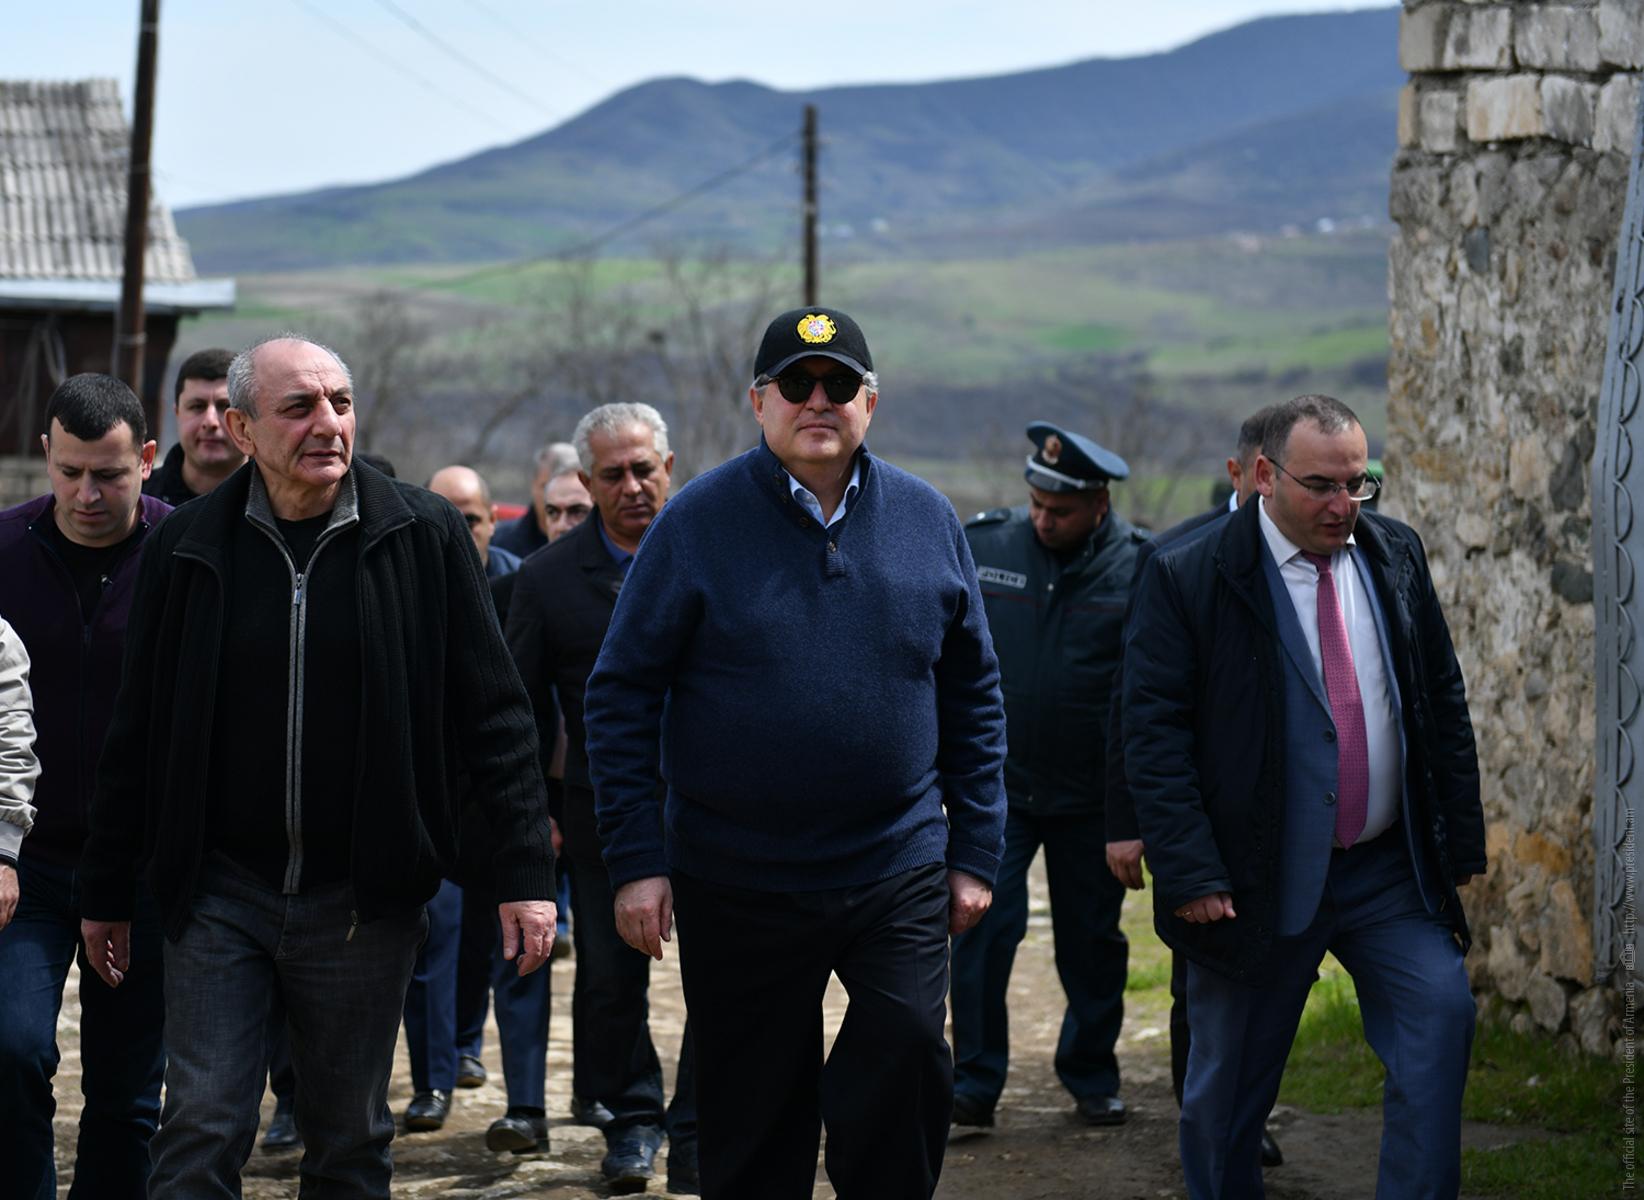 Հայաստանի և Արցախի նախագահներն այցելել են «Կատարո» գինու գործարան